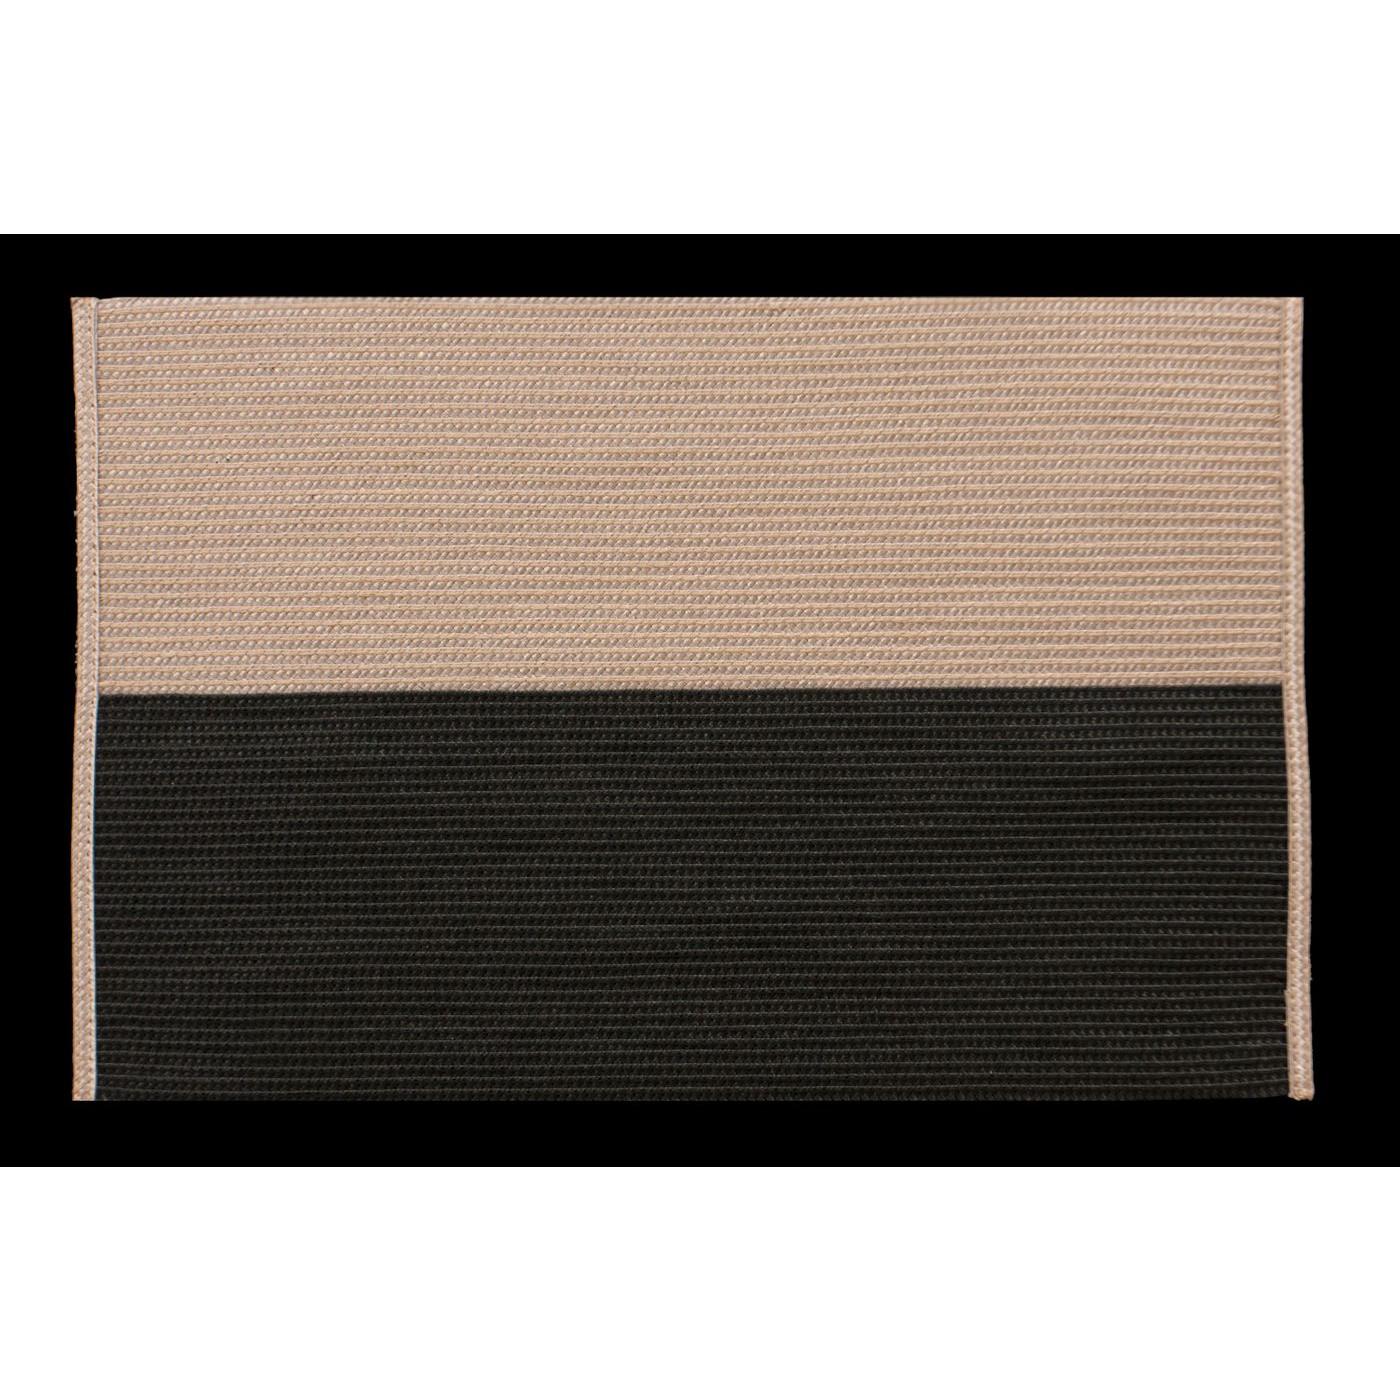 Dwukolorowa podkładka stołowa czarny i beż 30x45 cm